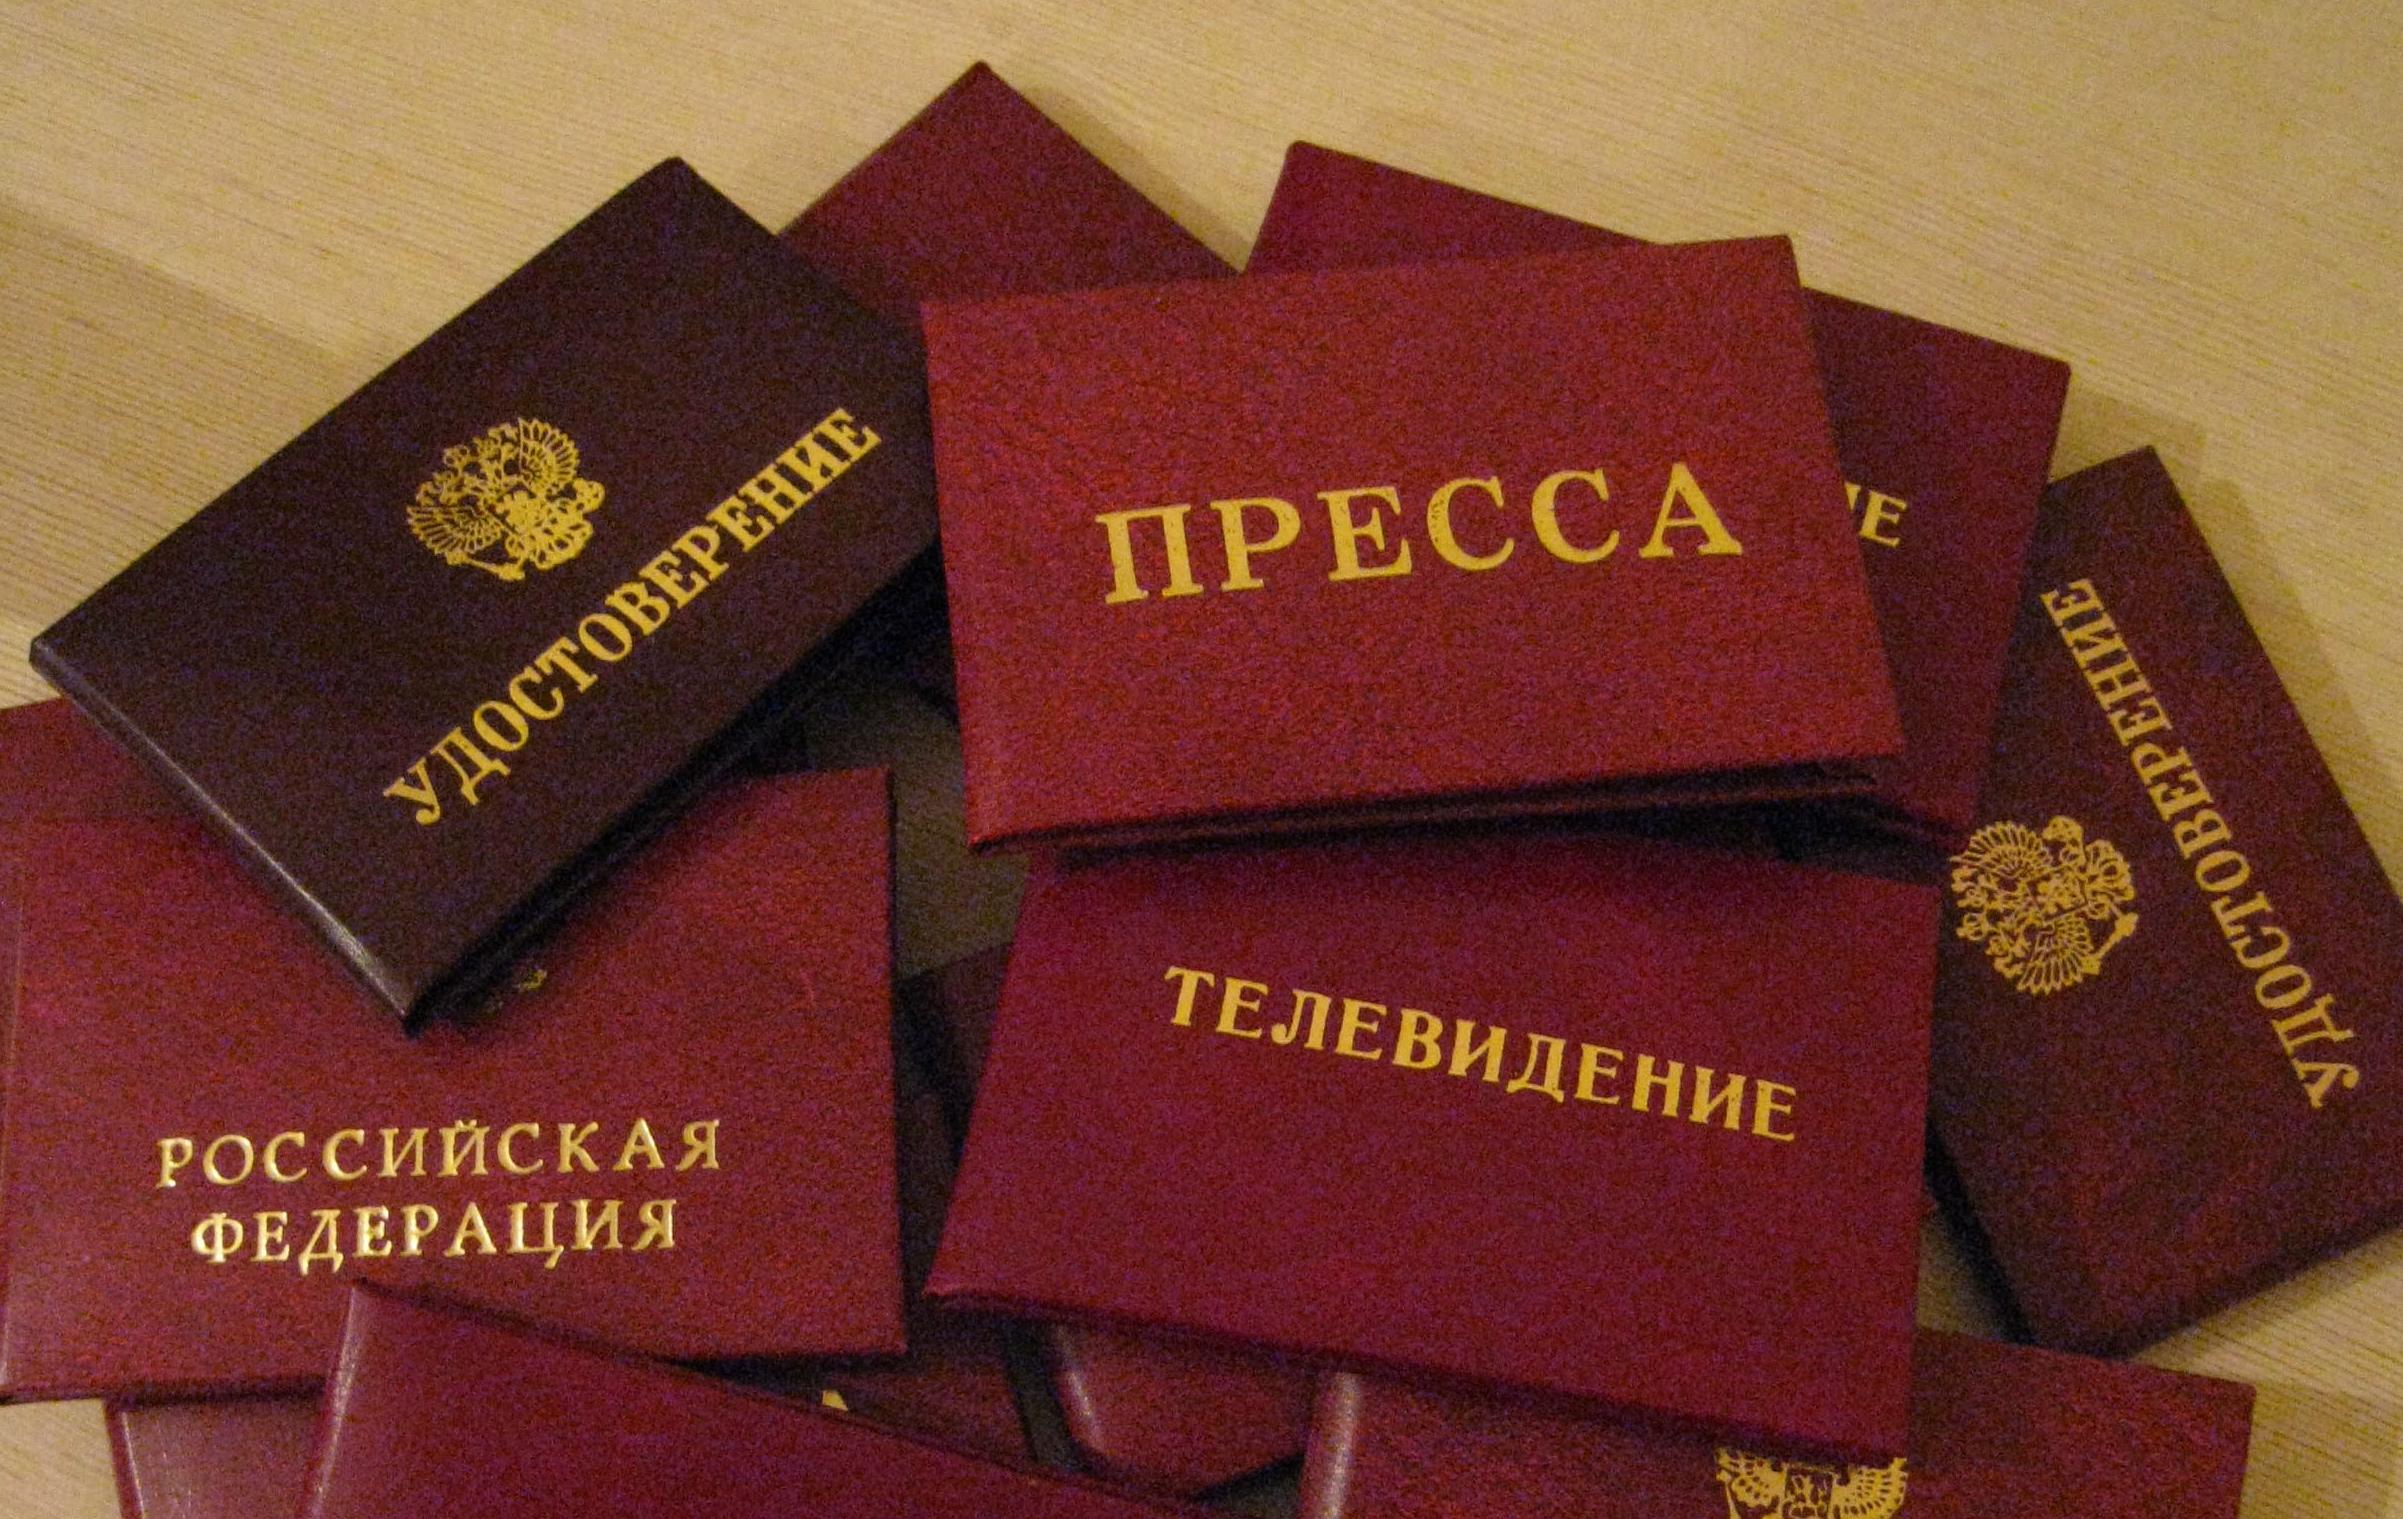 Этический кодекс для журналистов представлен в Госдуме